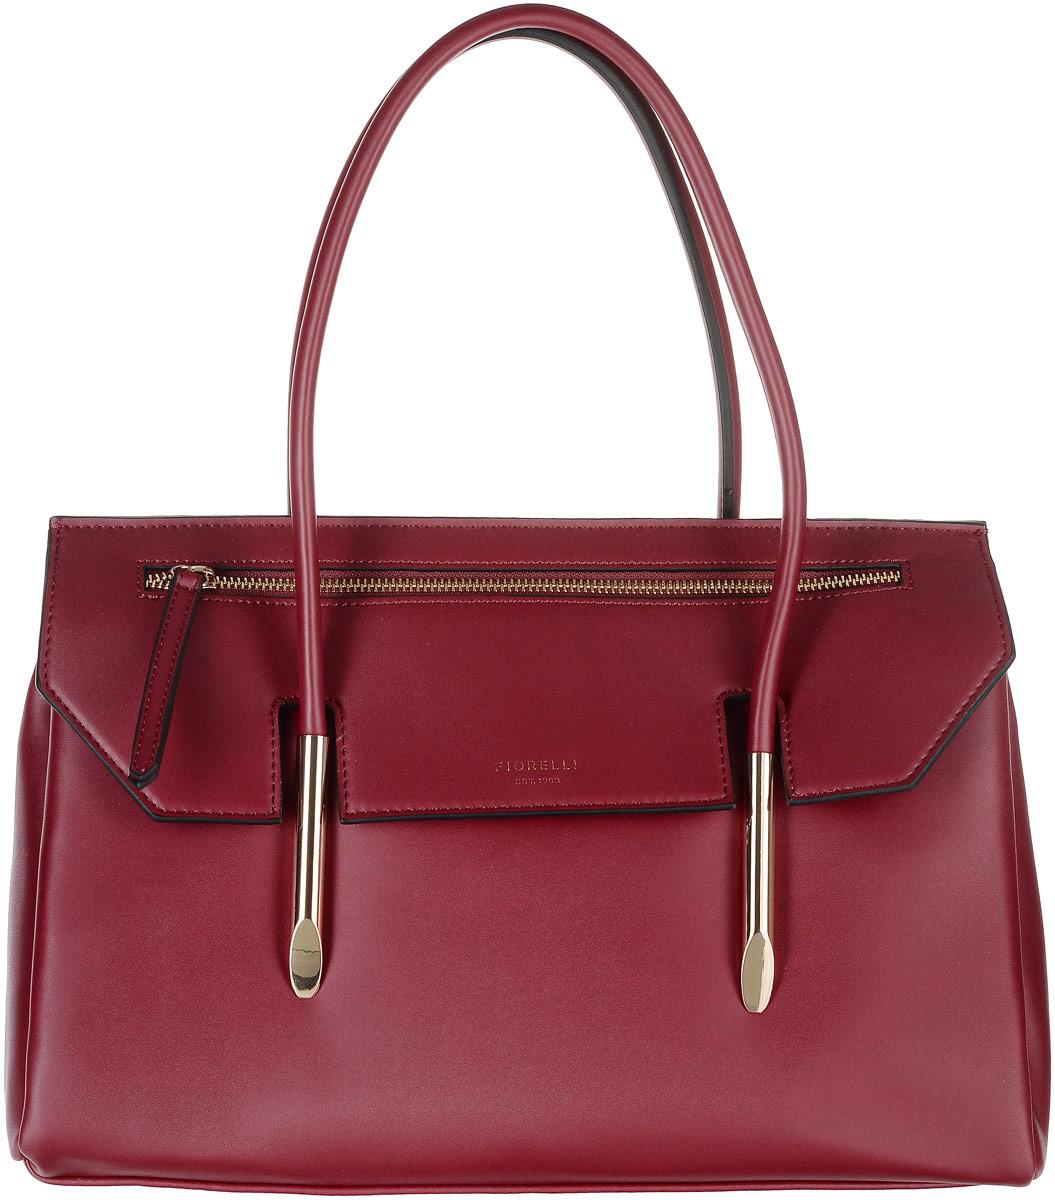 Сумка женская Fiorelli, цвет: темно-красный. 8503 FH8503 FH RedСтильная сумка Fiorelli выполнена из высококачественной искусственной кожи и оформлена фирменной надписью и металлической пластинкой с логотипом бренда. На лицевой стороне расположен декоративный карман на молнии. На тыльной стороне расположен небольшой открытый накладной карман. Сумка оснащена удобными ручками и металлическими ножками, которые предотвратят повреждение дна сумки. Изделие закрывается клапаном на магнитную кнопку. Внутри расположено главное вместительное отделение, которое разделяет карман-средник на молнии. Также внутри находятся четыре открытых накладных кармана для телефона и мелочей и один вшитый карман на молнии.